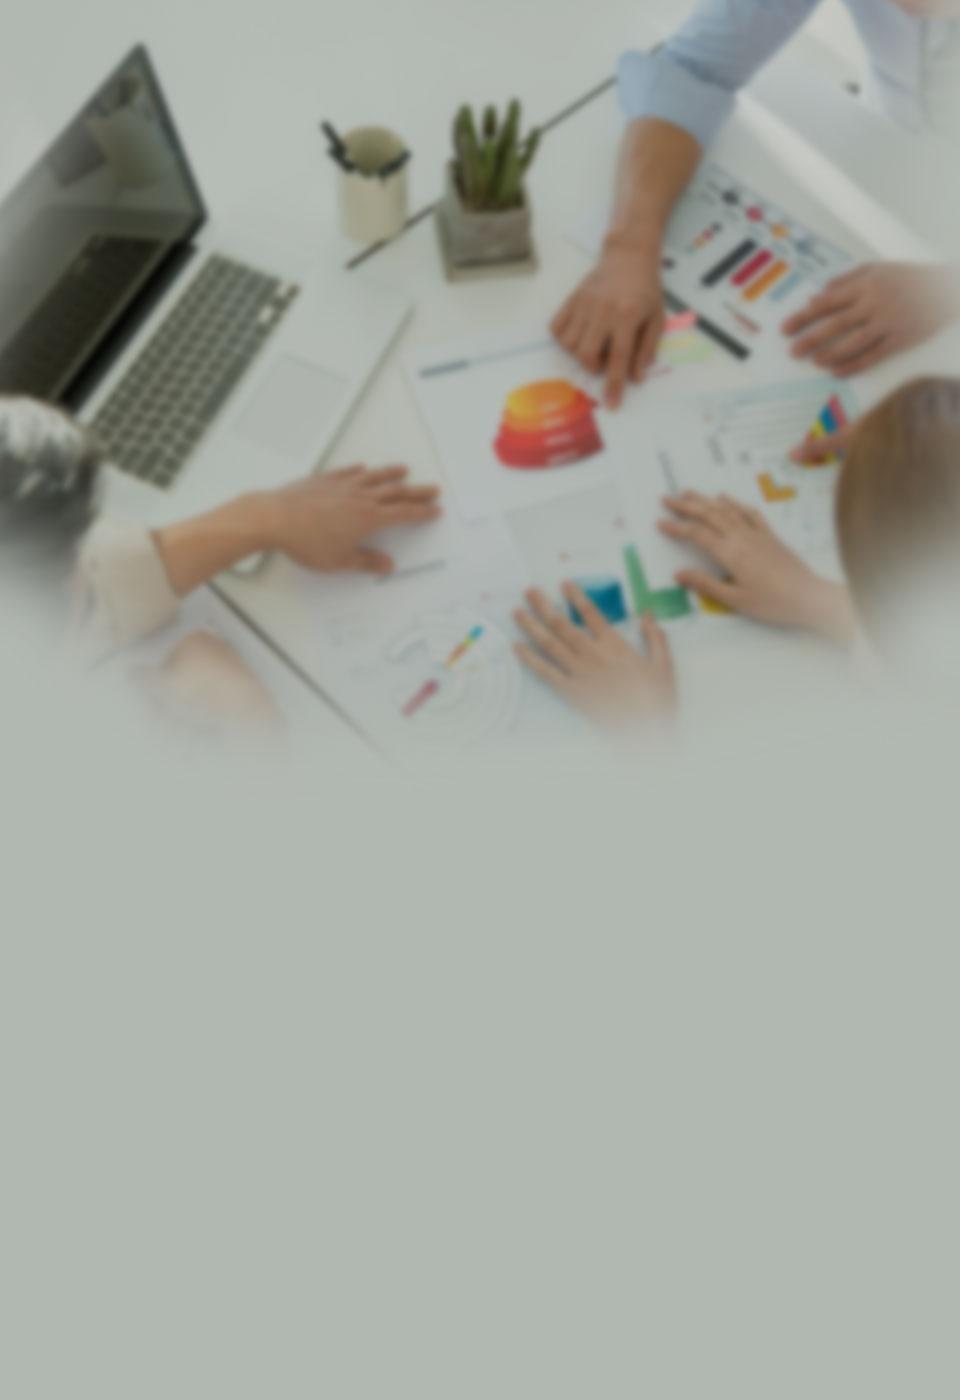 재경관리사 ·회계관리1급 ·회계관리2급